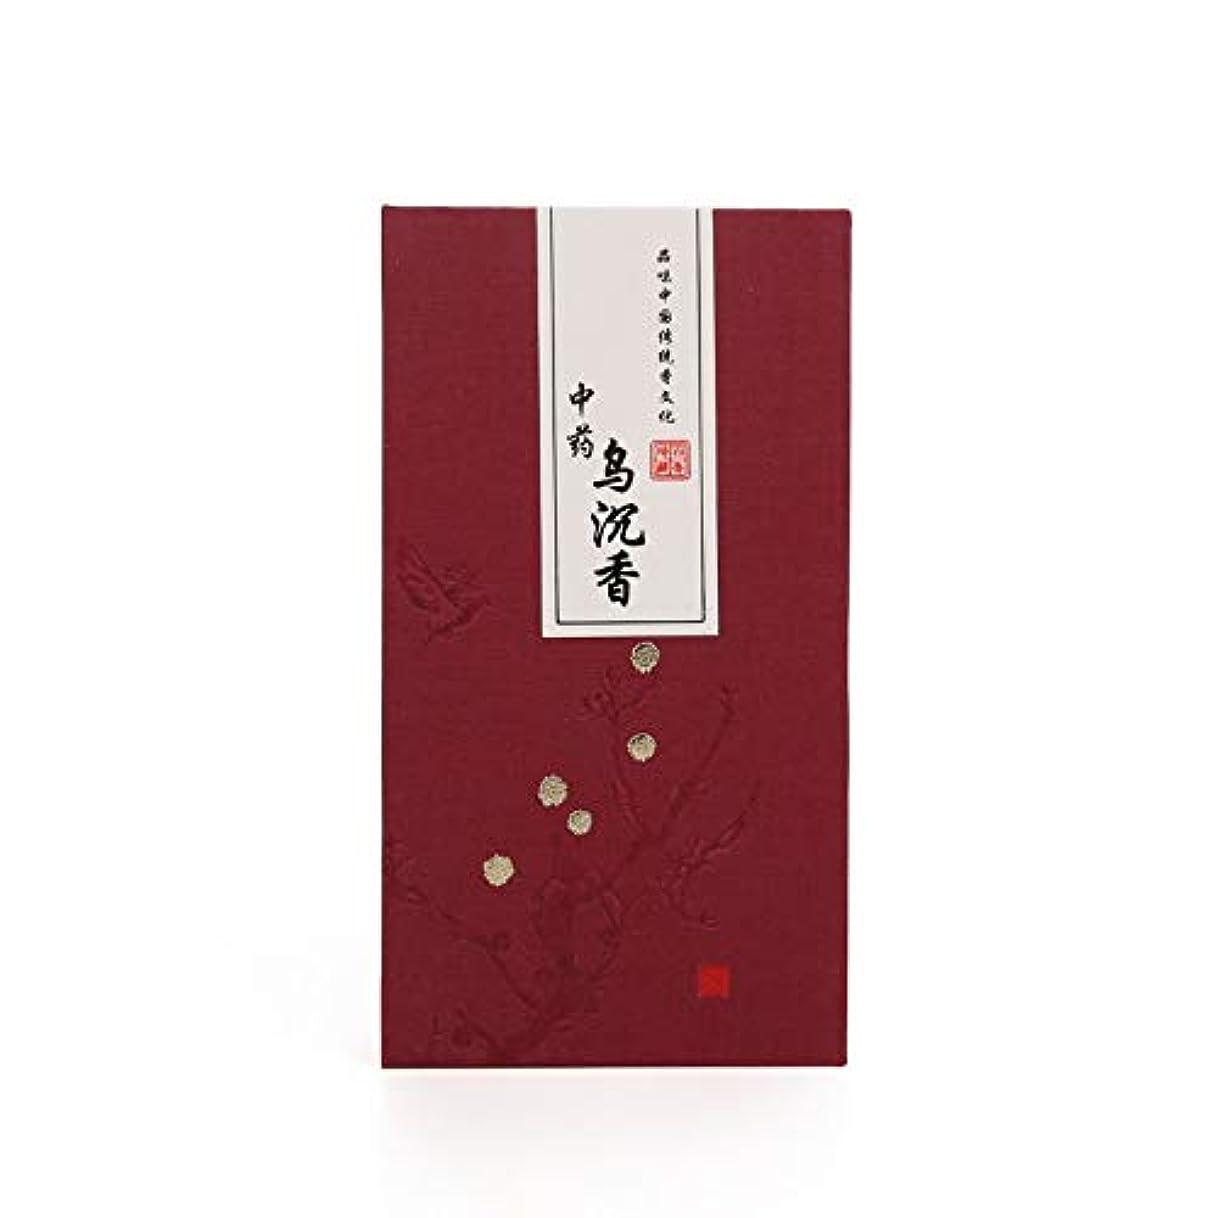 インテリア丈夫陸軍Diatems - 絶妙な箱入りの天然白檀の香りのお香、香りの木、辺材、ヒノキ、2時間、長期的な仏香、アロマテラピー[鳥サンダルウッド]